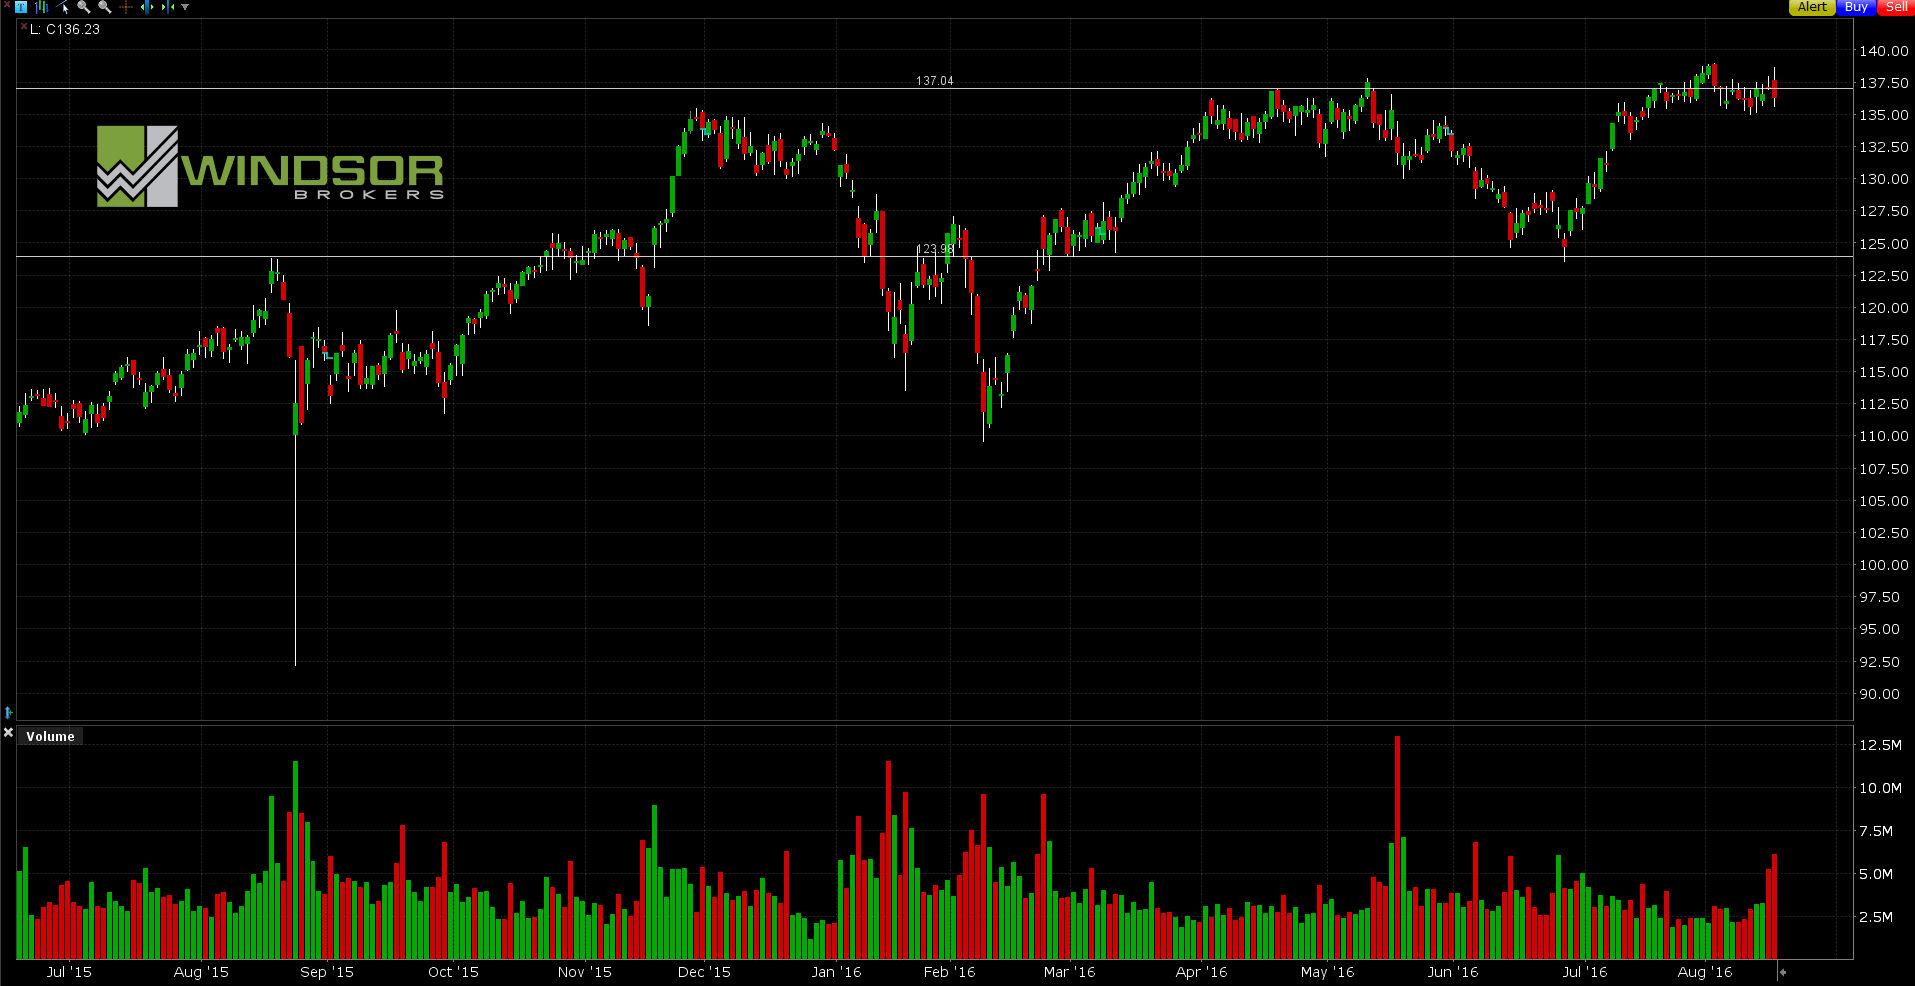 Wykres spółki Home Depot dla interwał D1. All Markets Online.